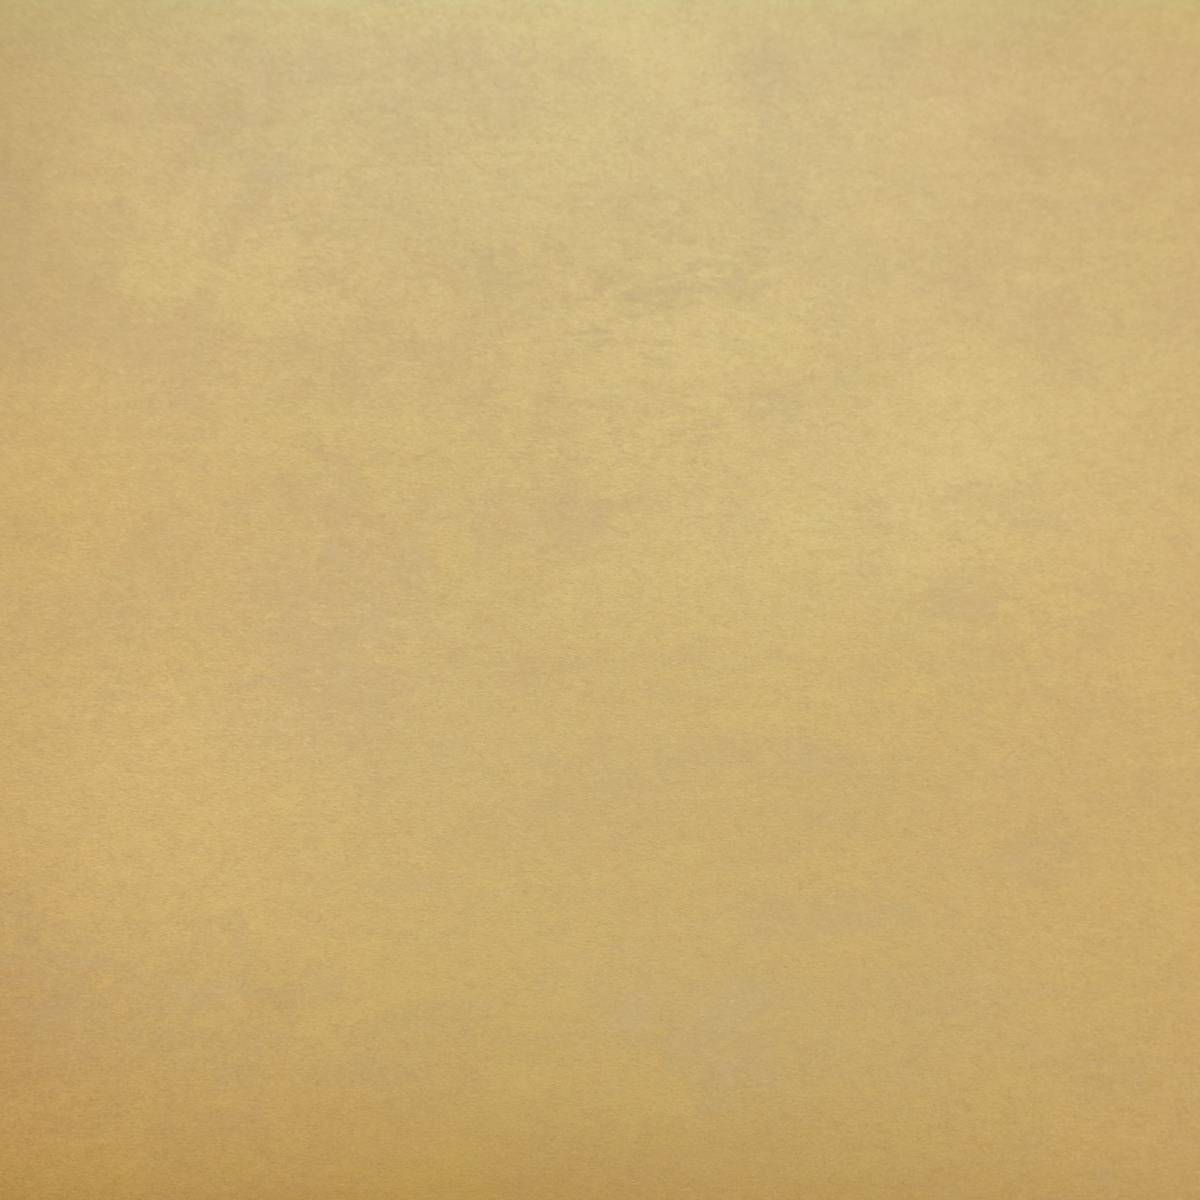 Designers Guild Parchment Wallpapers Wallpaper